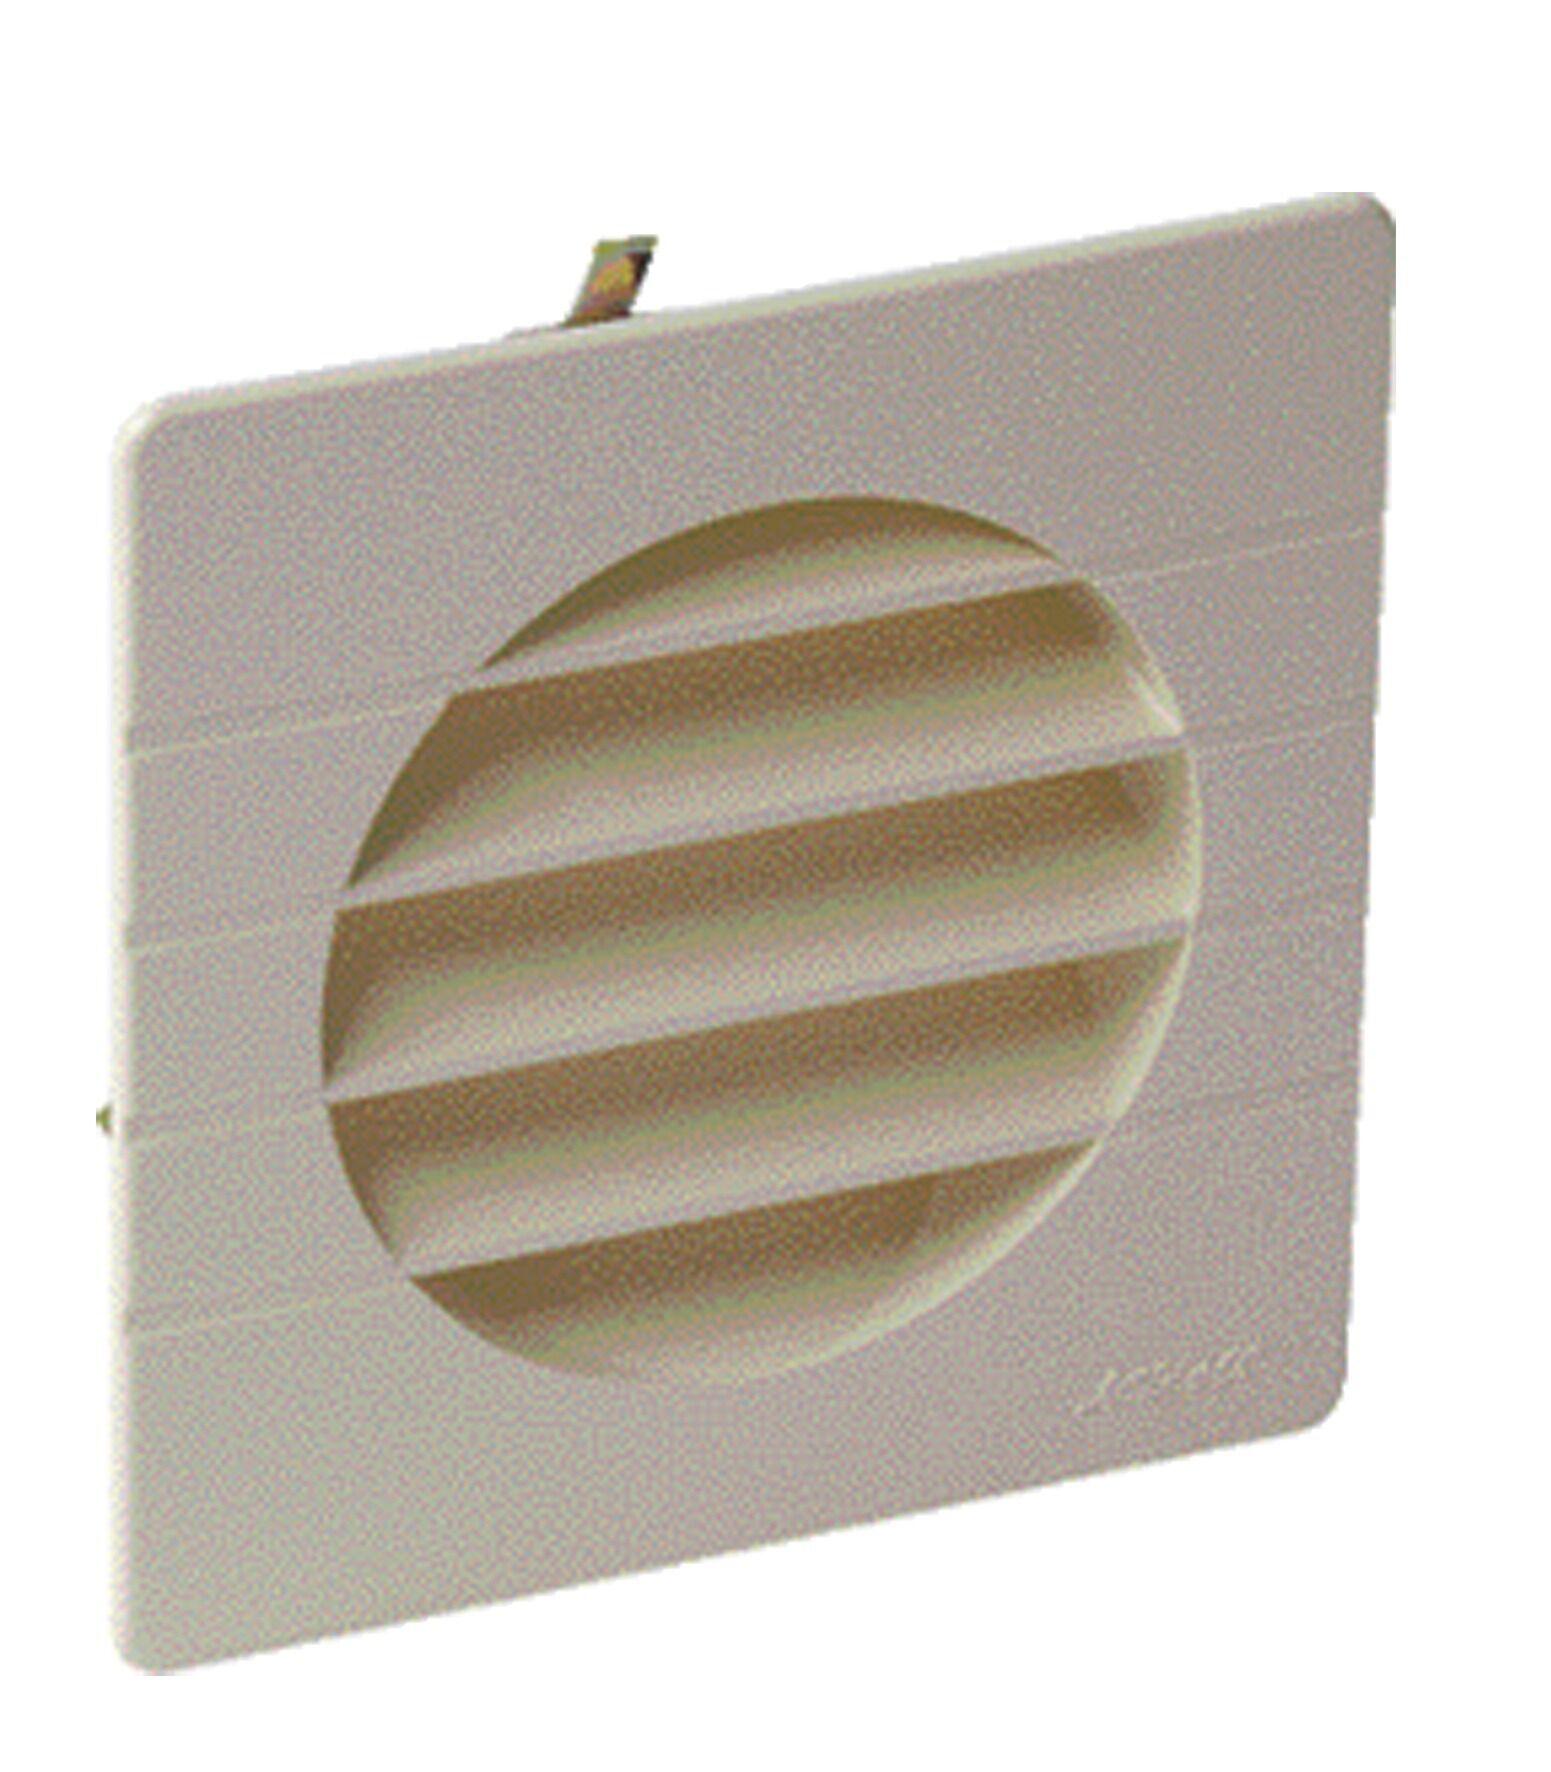 NICOLL Grille de ventilation à encastrer extérieur pour tubes PVC Ø 125 coloris sable - NICOLL - 1GETM125